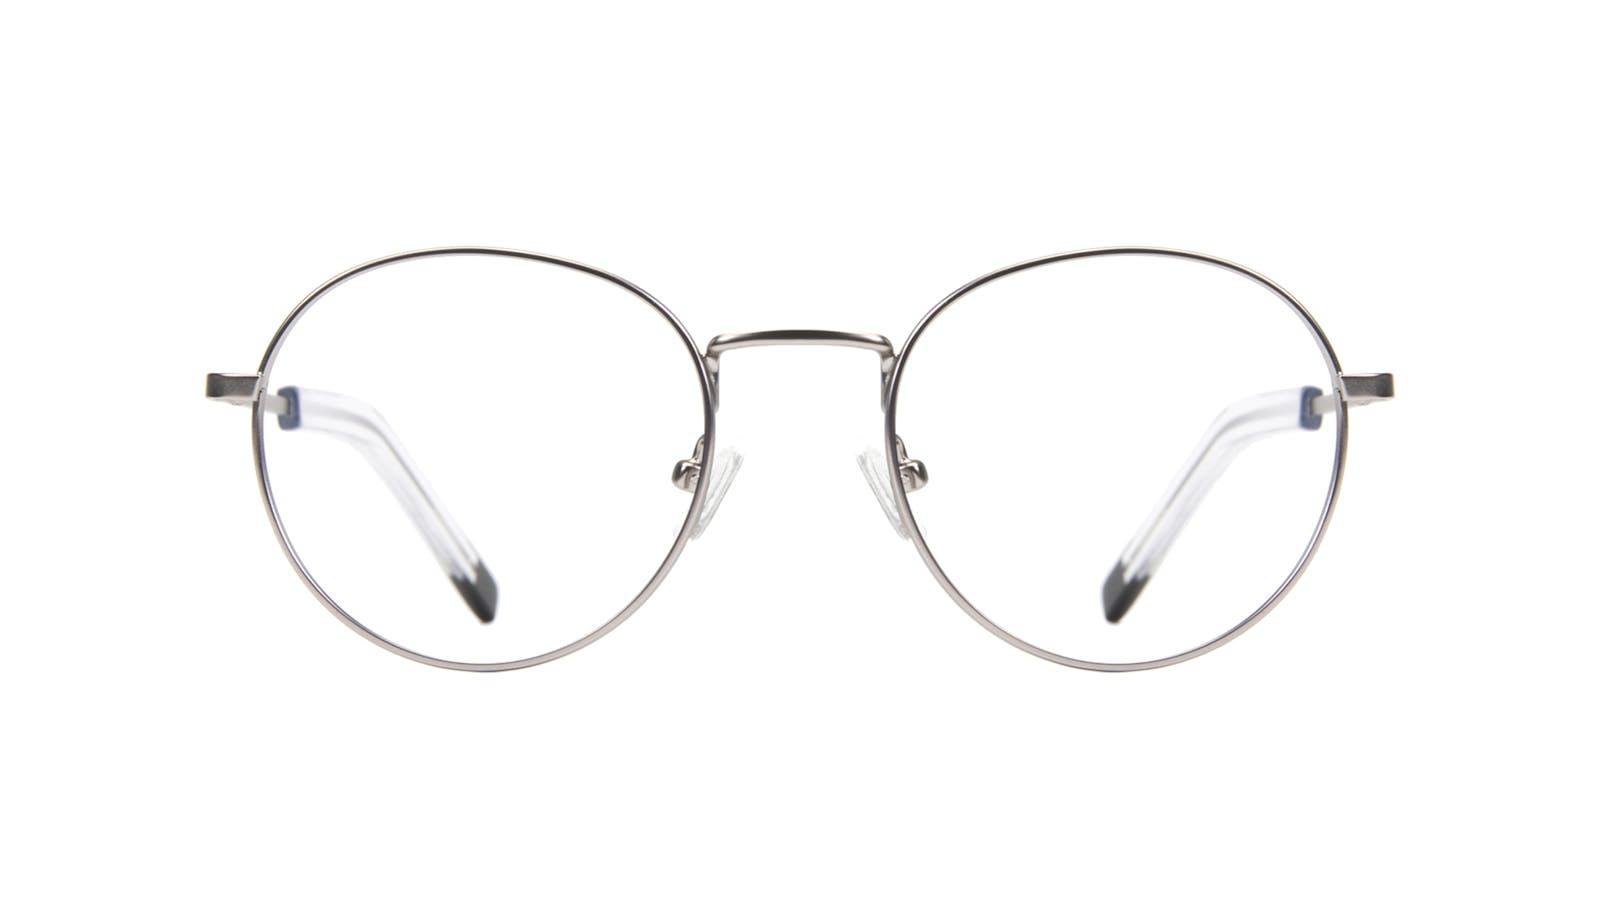 21ccc1dddd Affordable Fashion Glasses Round Eyeglasses Men Lean Steel